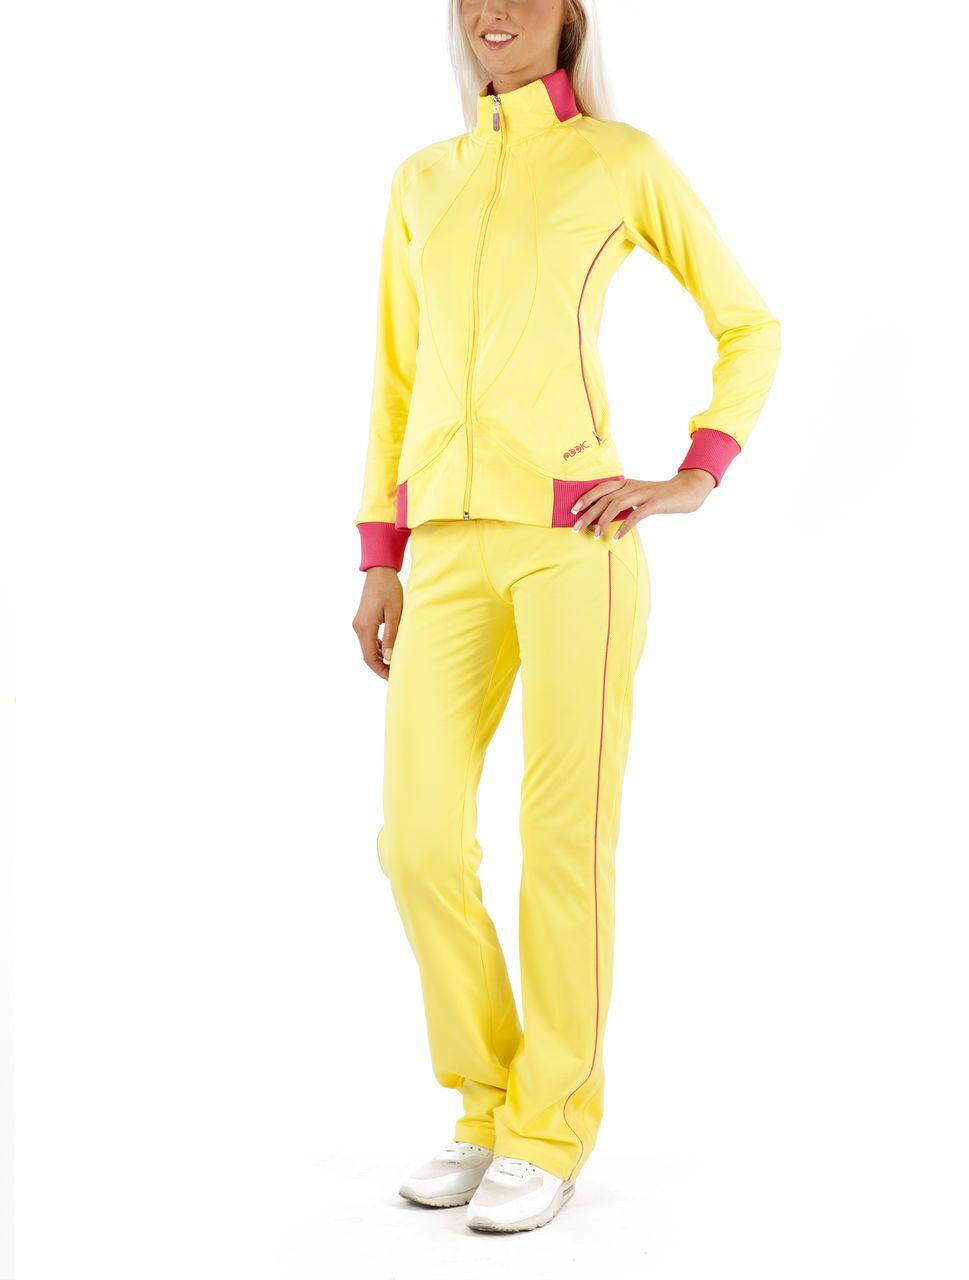 Женский спортивный костюм желтый доставка